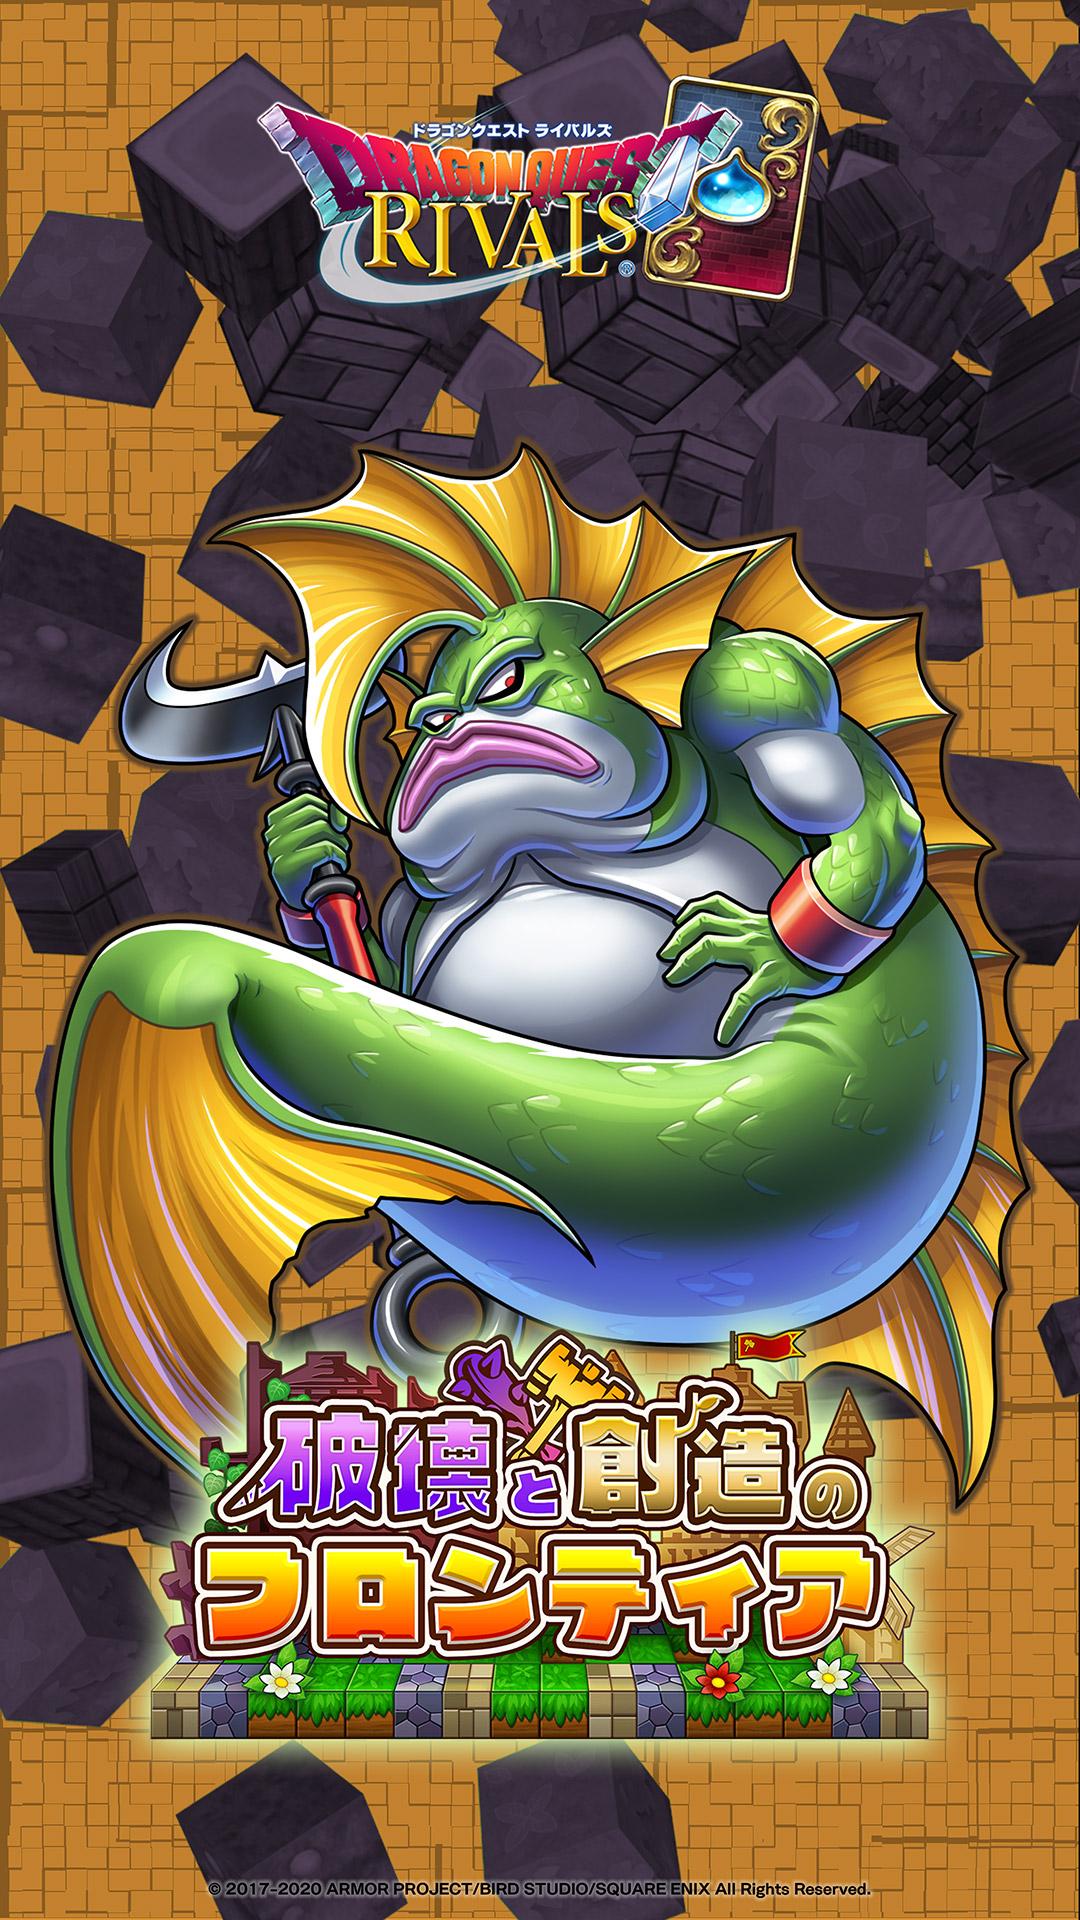 ドラゴンクエストライバルズ エース公式 第10弾拡張カードのリリースまであと 4日 本日は占い師のレジェンドレアカード 魔王グラコス の壁紙を用意しました ぜひスマホへ設定して配信に備えてください Dqライバルズ